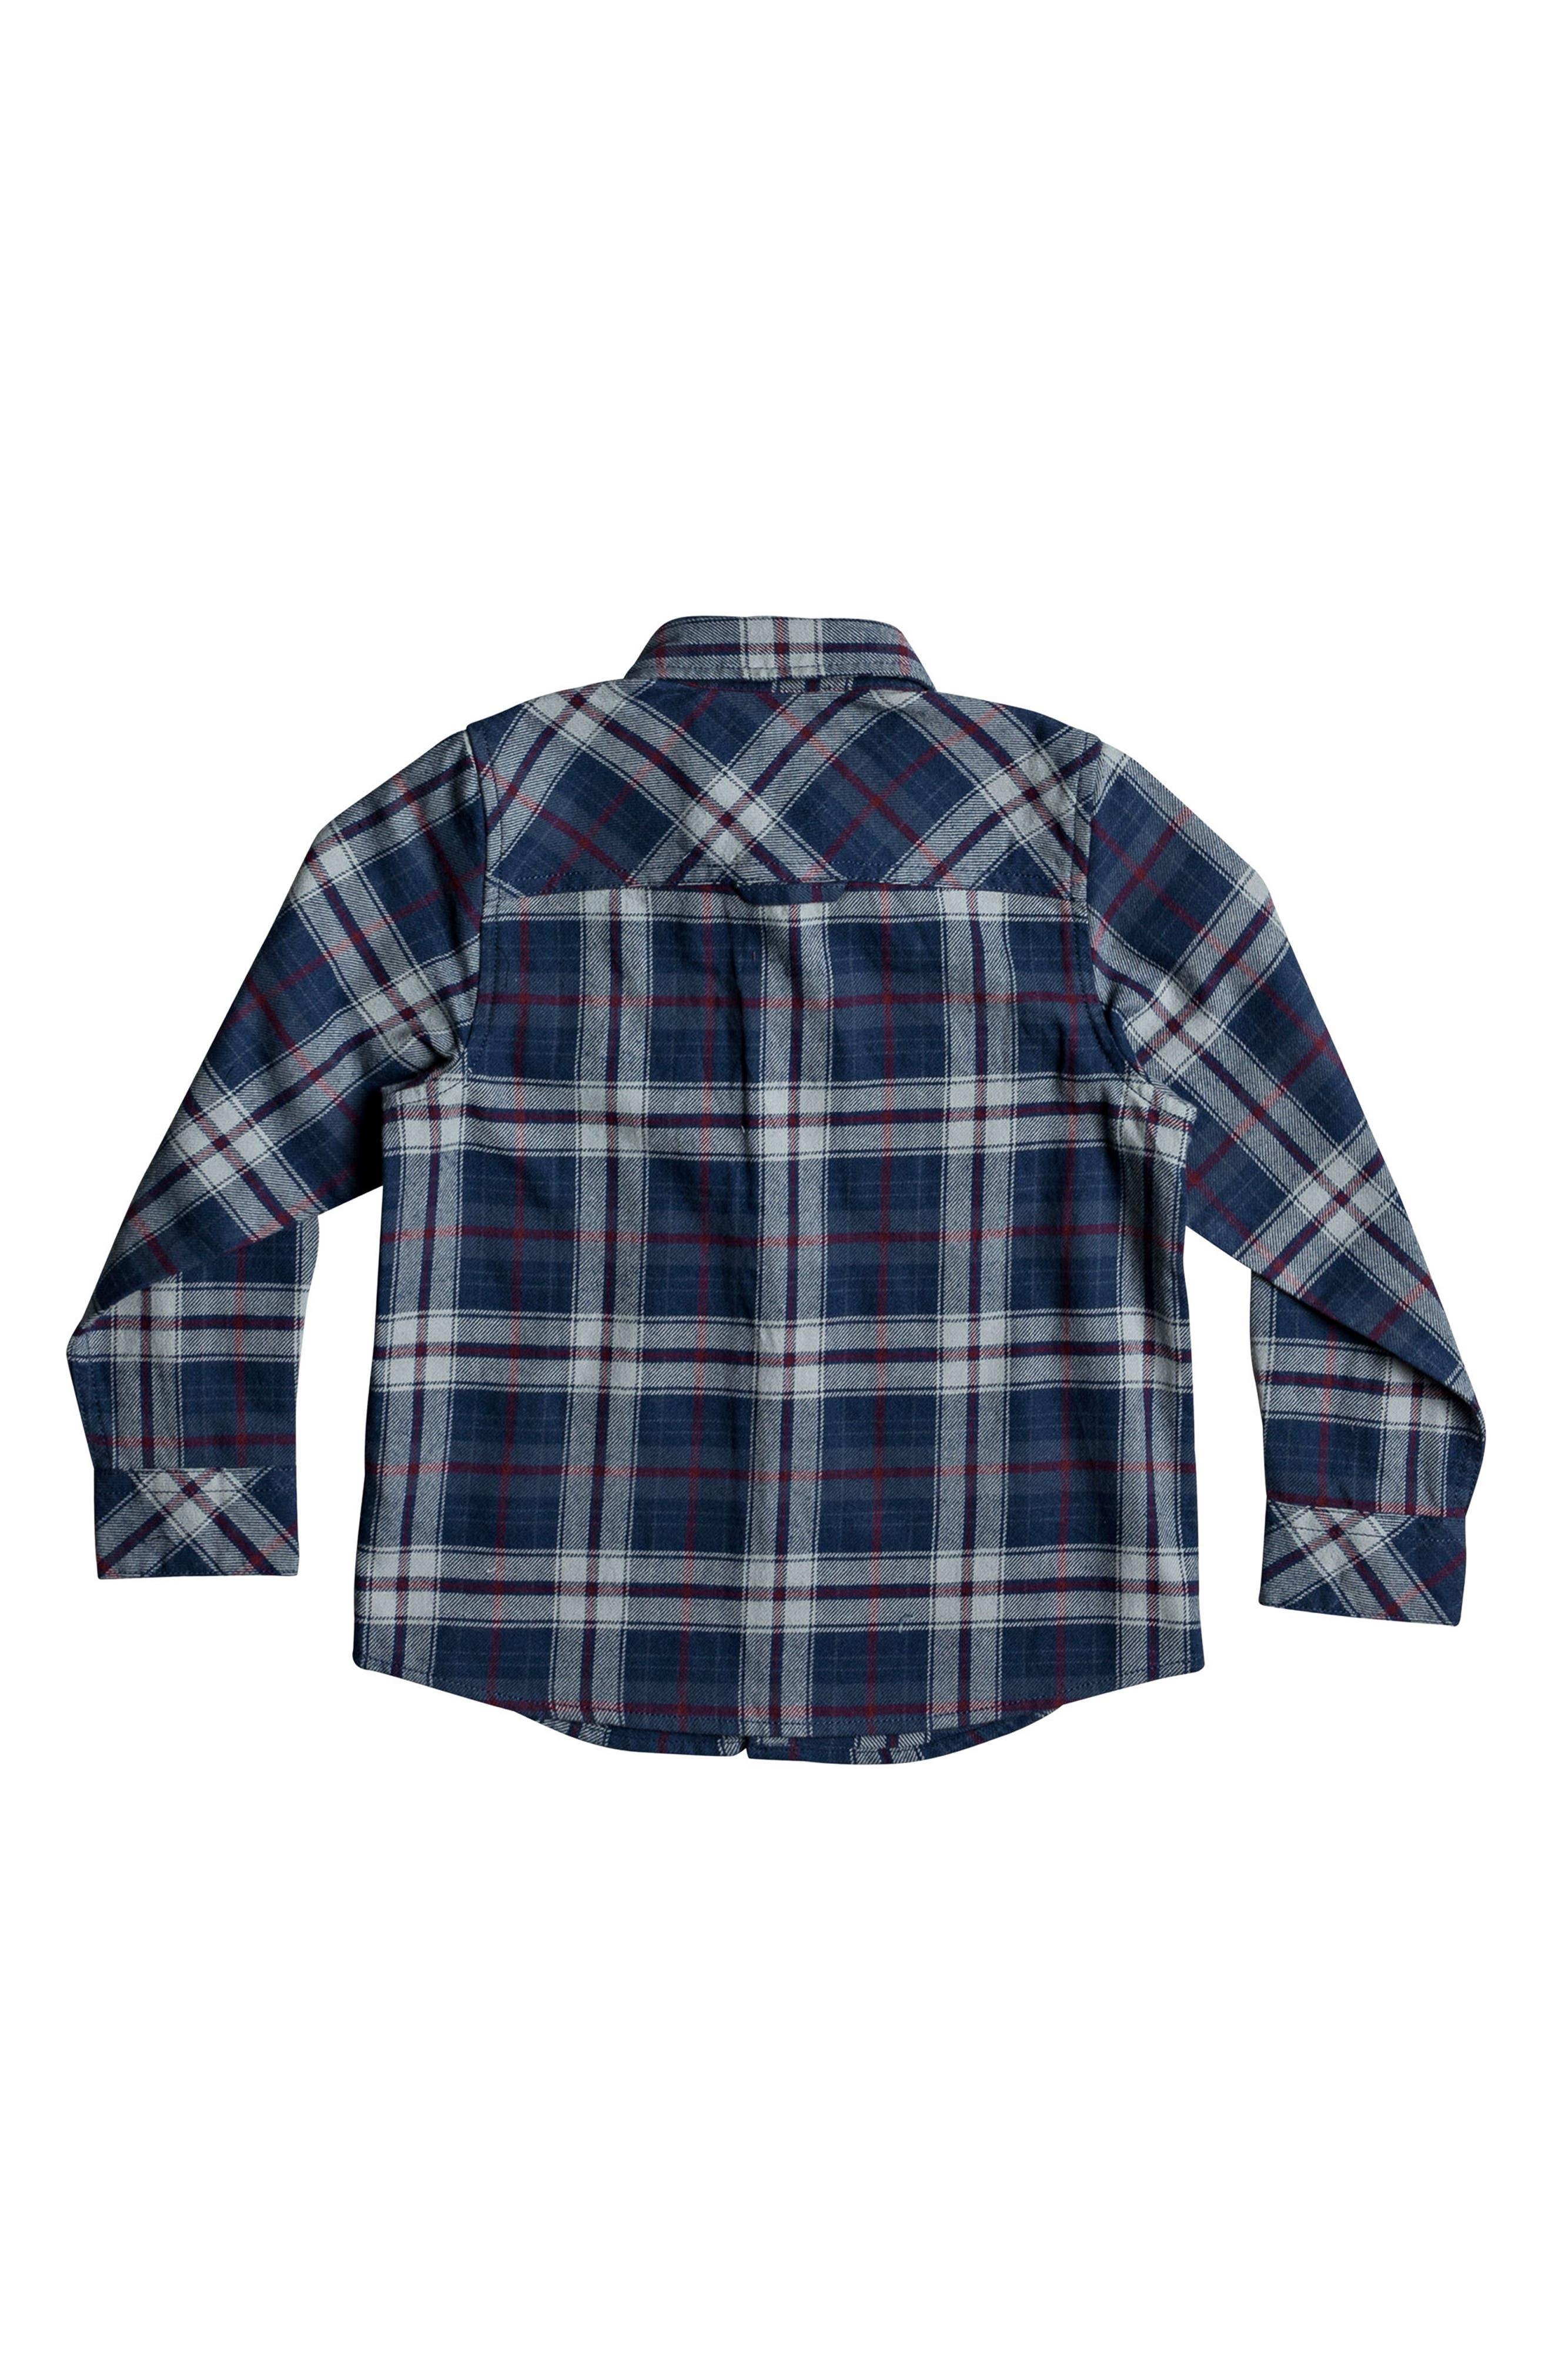 Fitzspeere Plaid Flannel Shirt,                             Alternate thumbnail 2, color,                             401